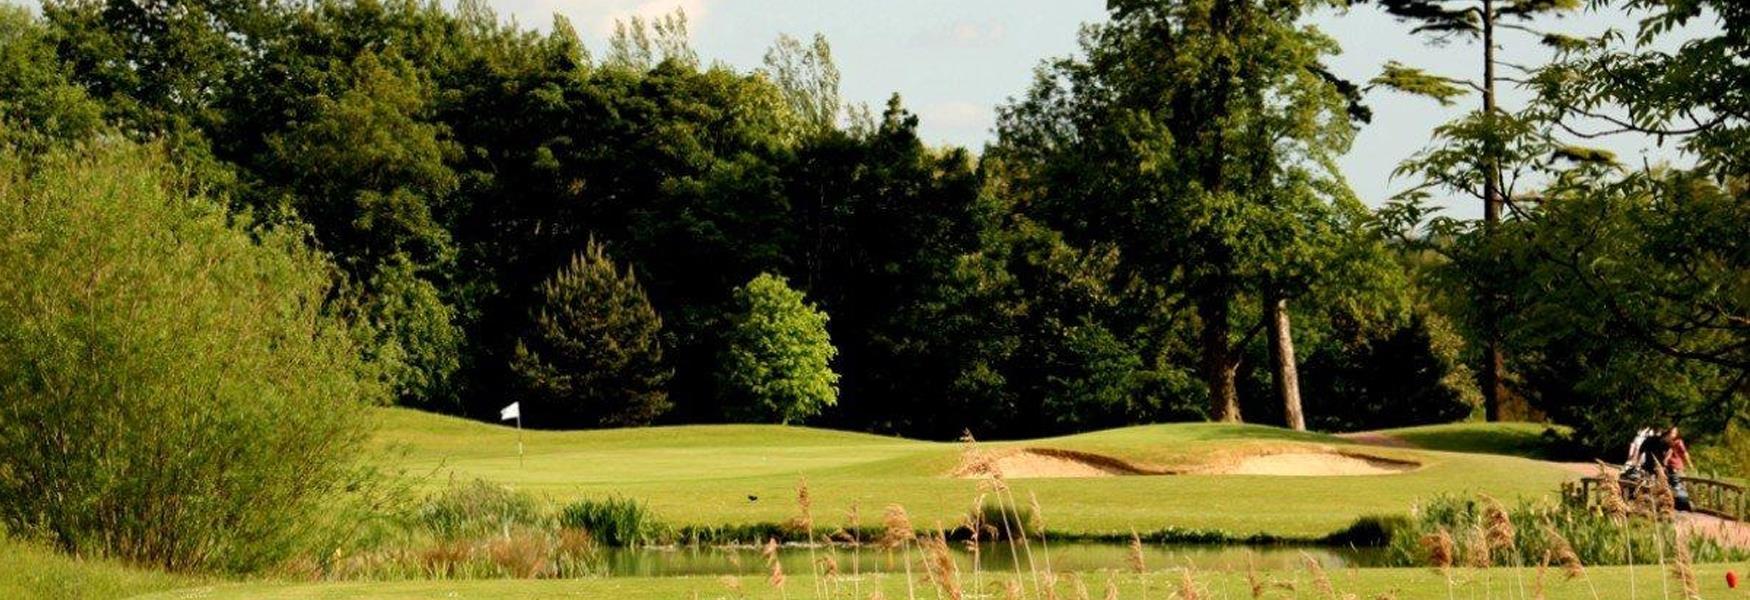 Cobtree Golf Course